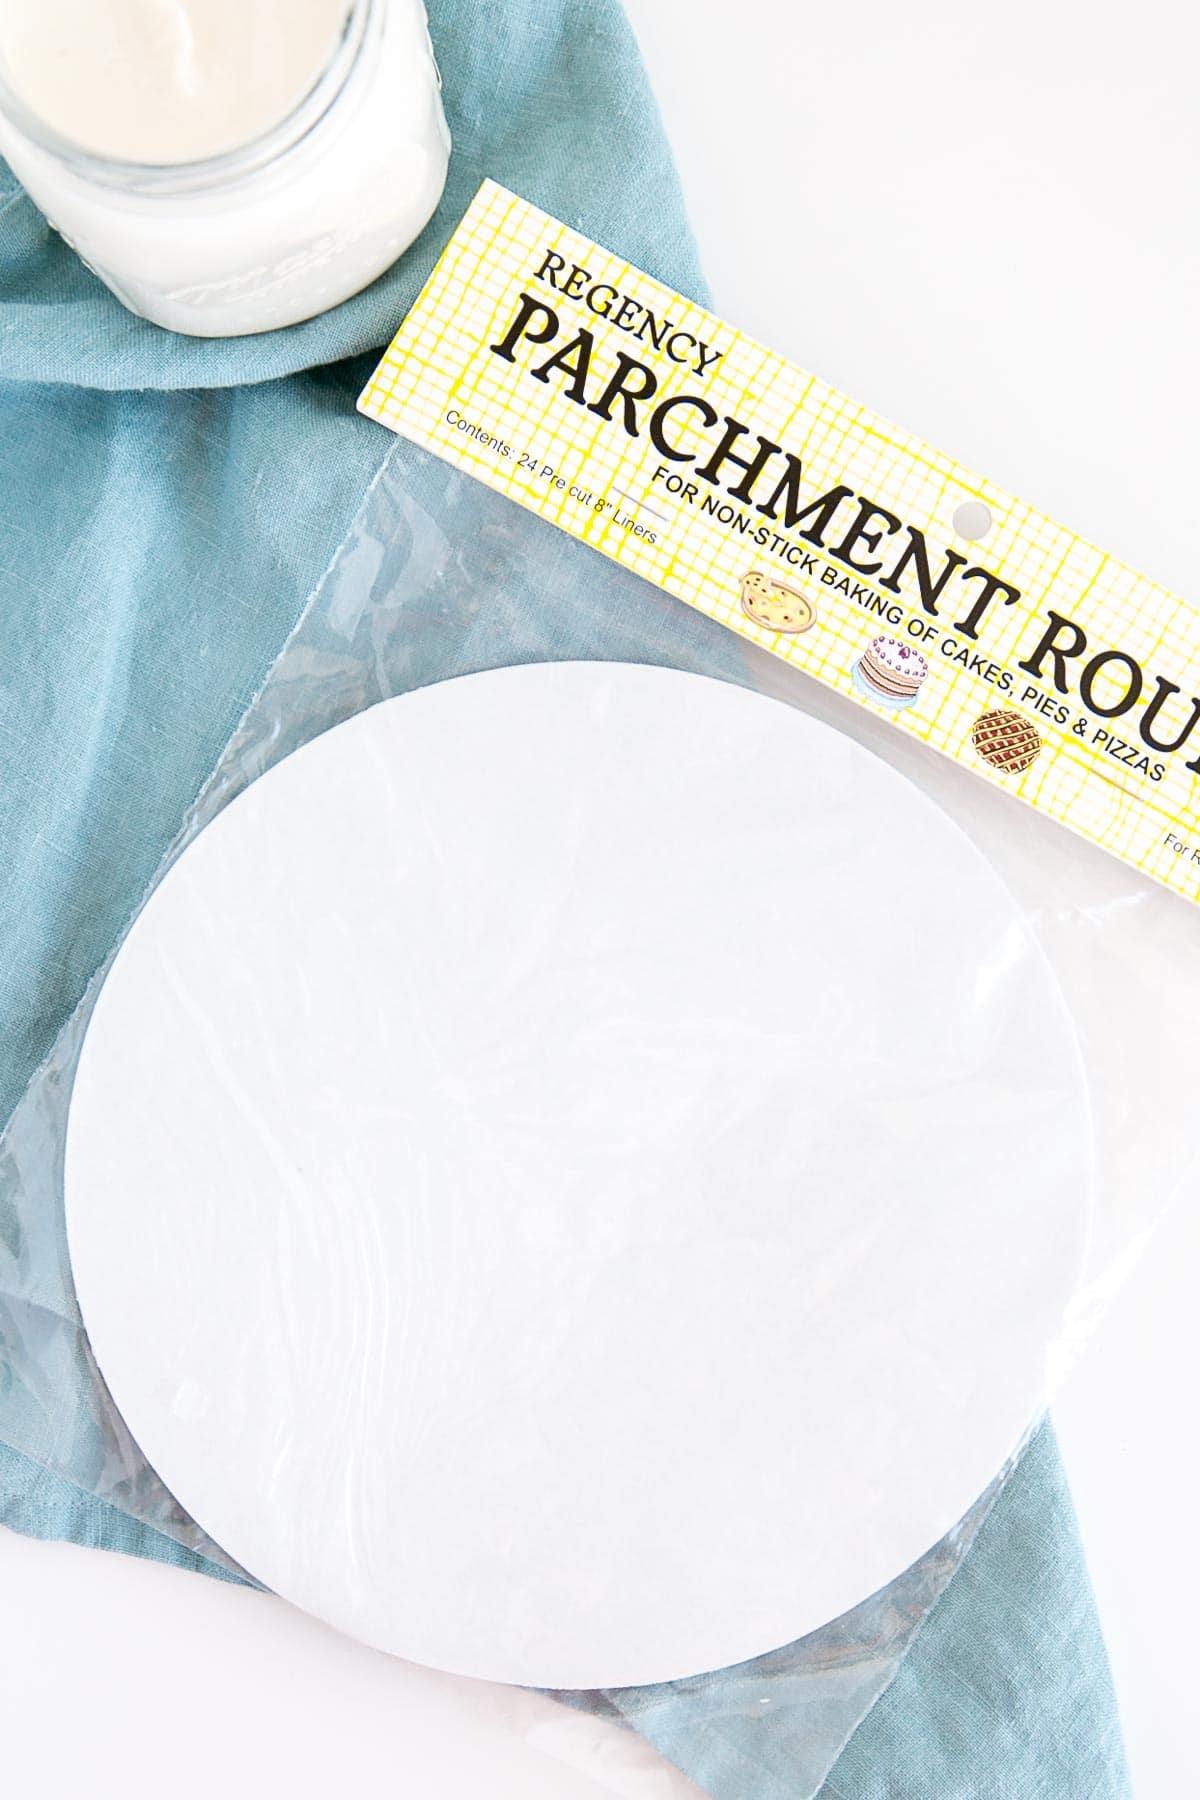 Pre-cut parchment pan liners